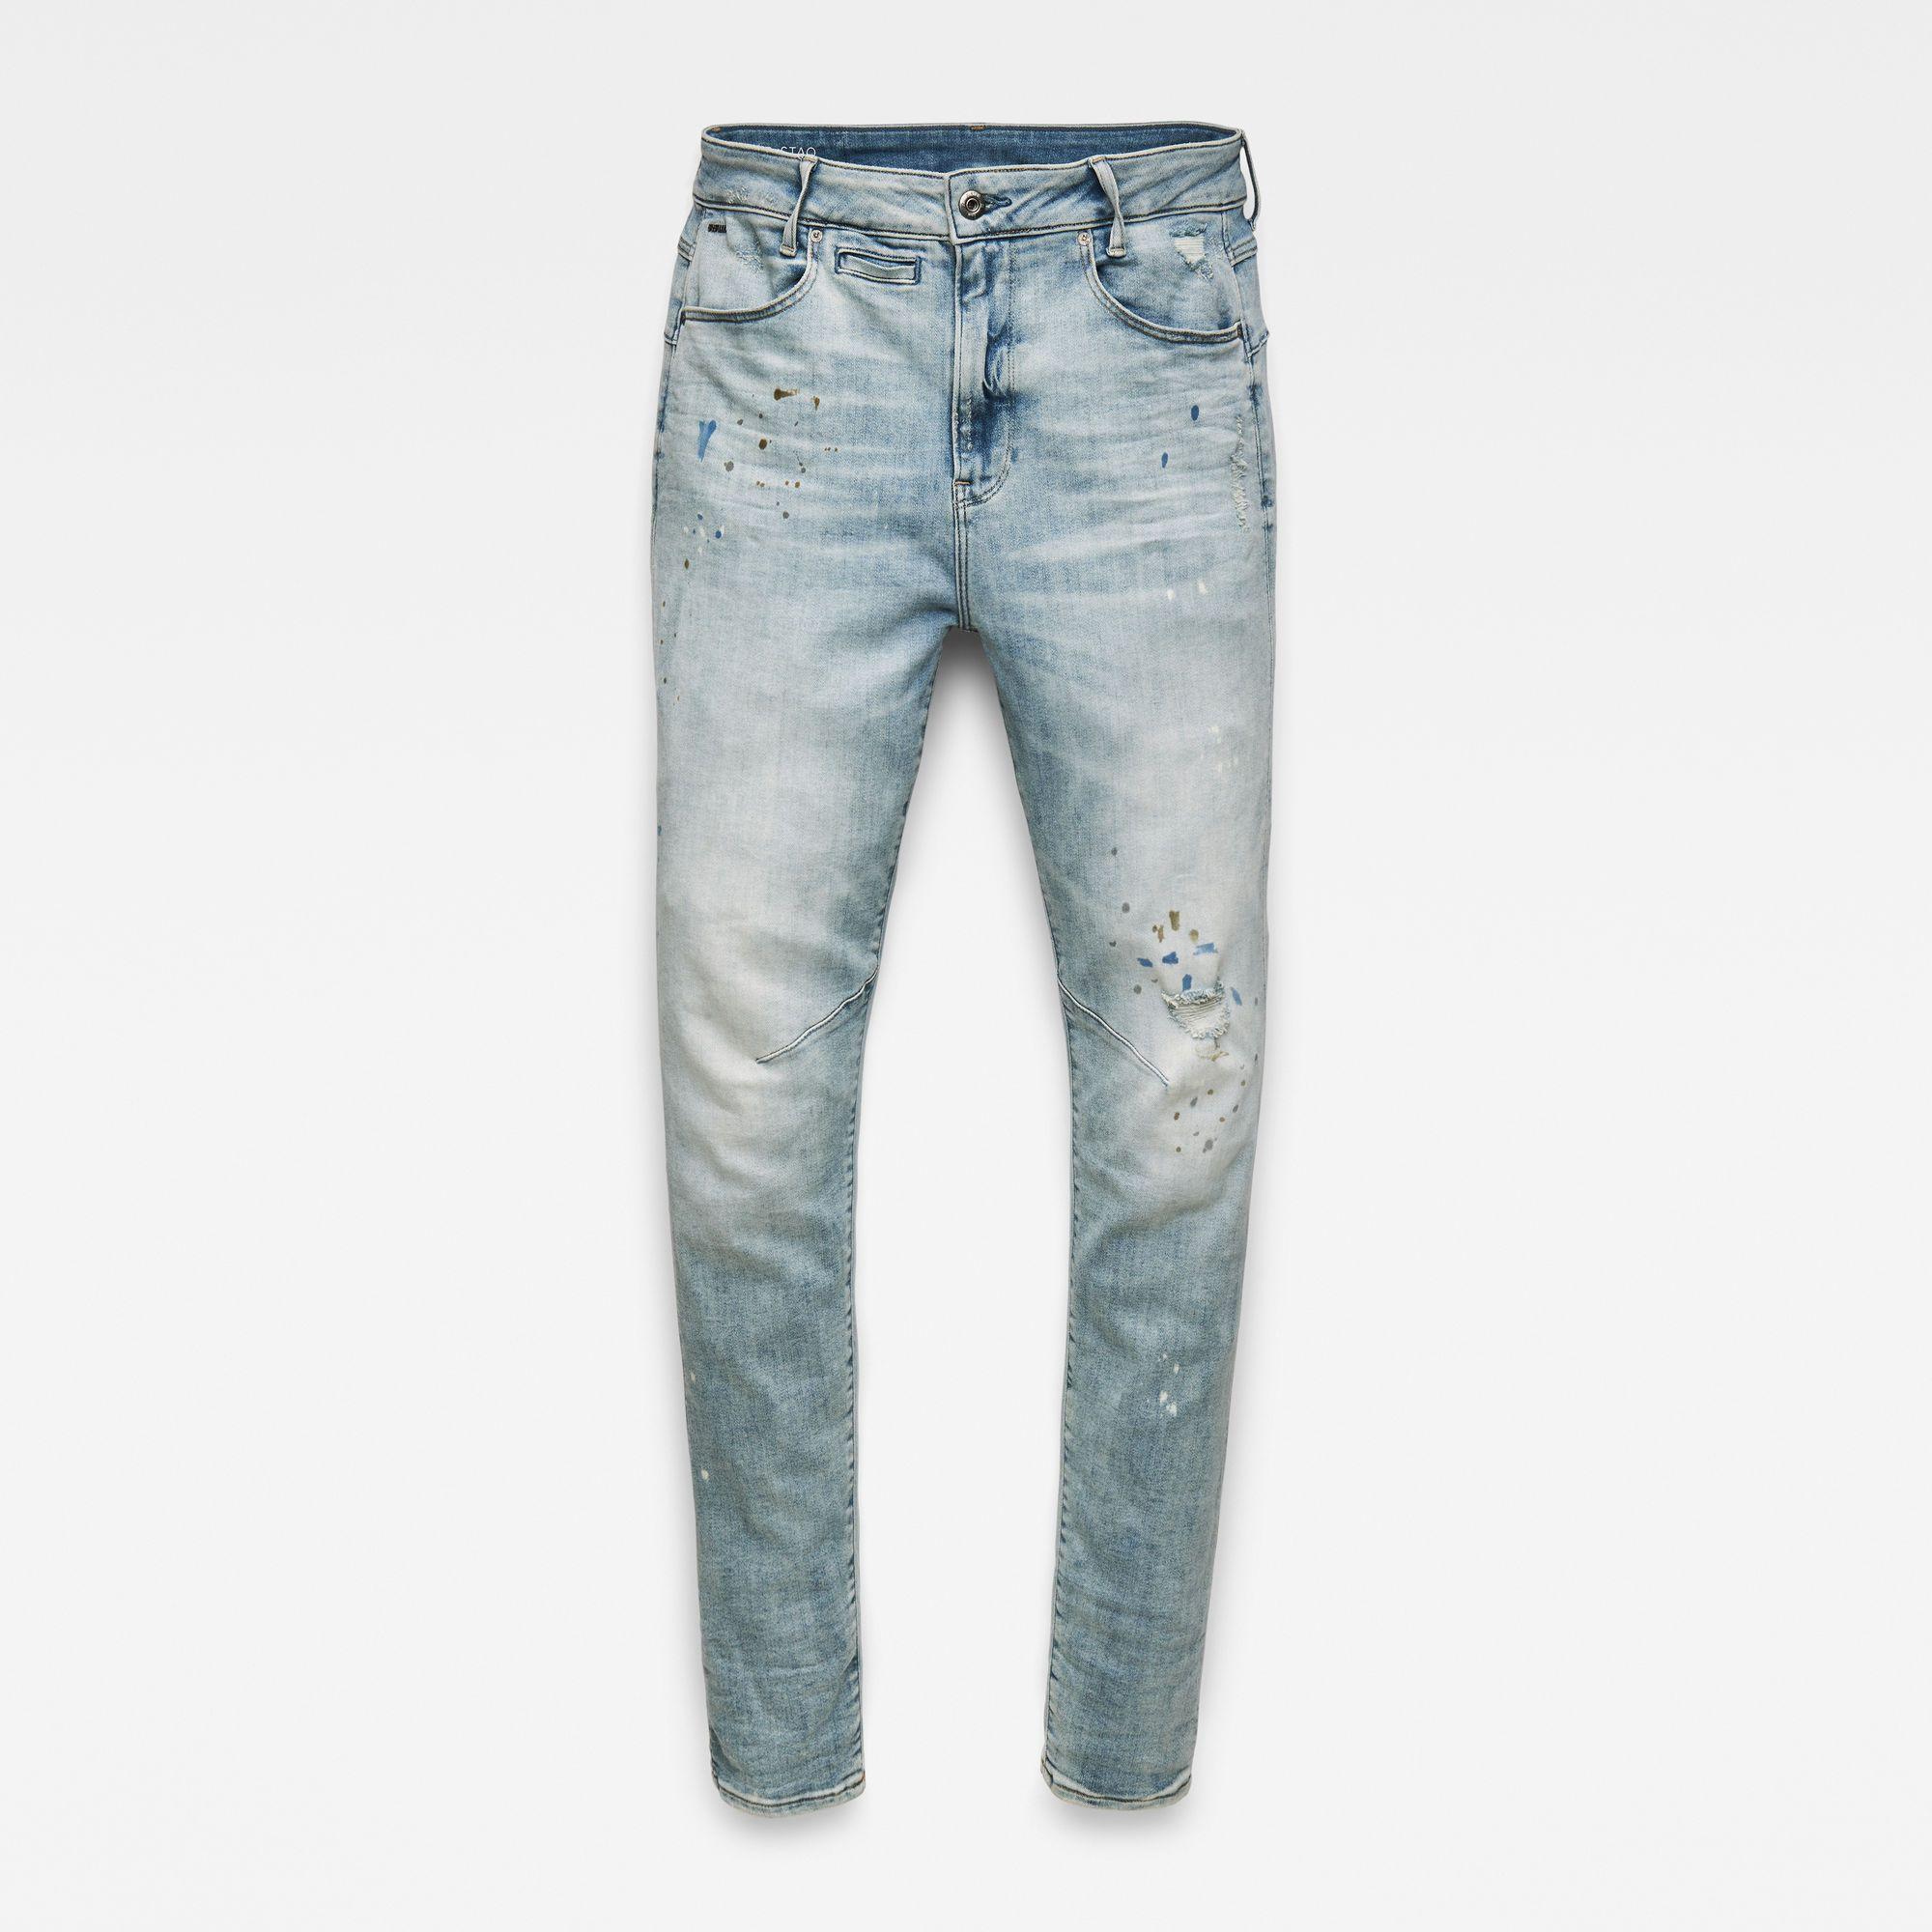 G-Star RAW D-Staq Mid Boyfriend Slim Jeans